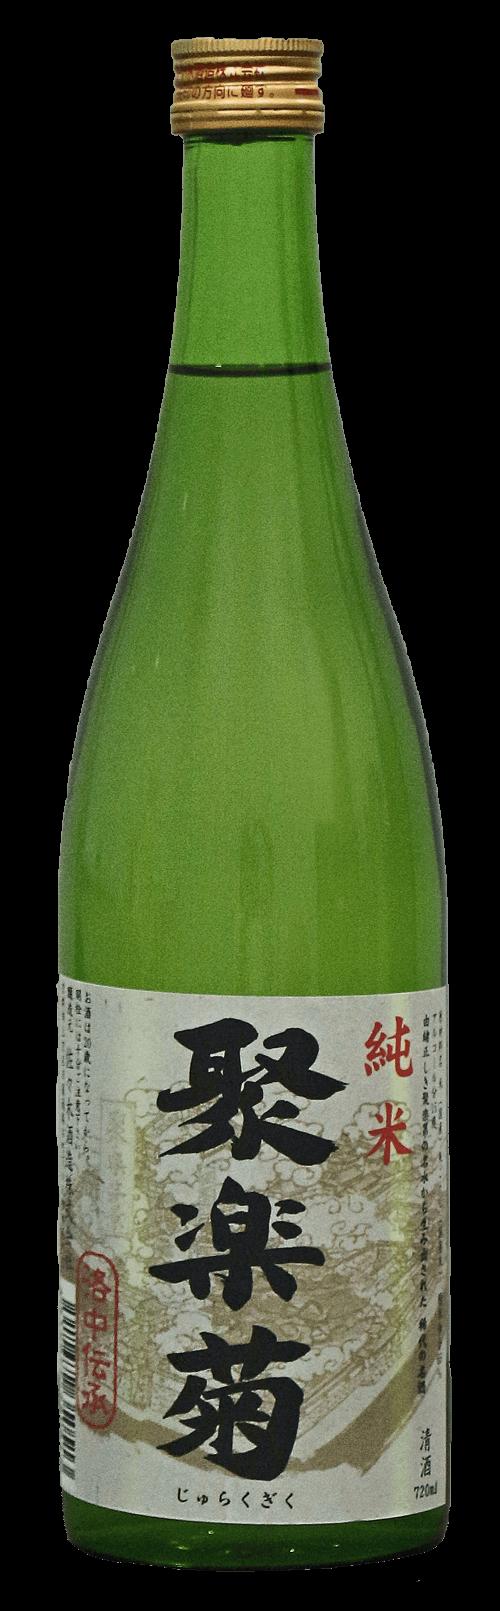 Juraku-giku Junmai